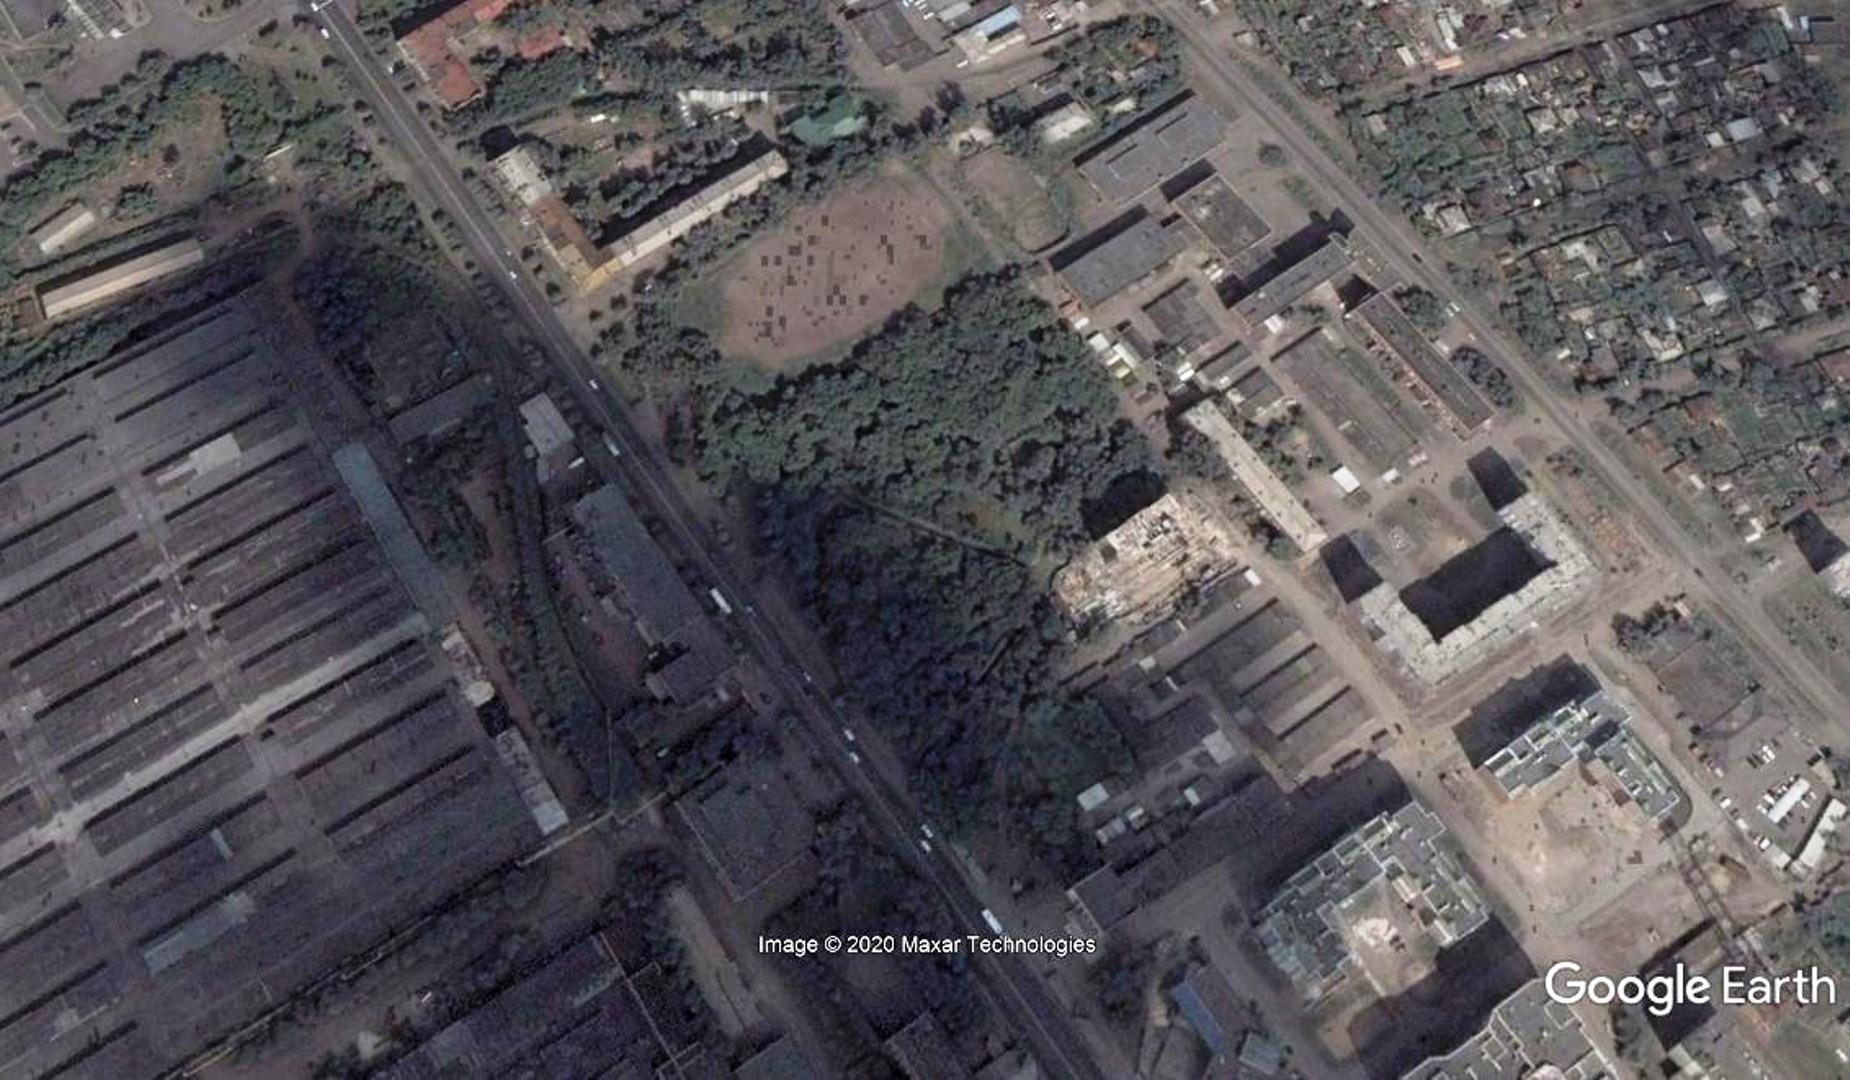 длинной выдержкой благовещенский рынок харьков фото из космоса эта сказочная